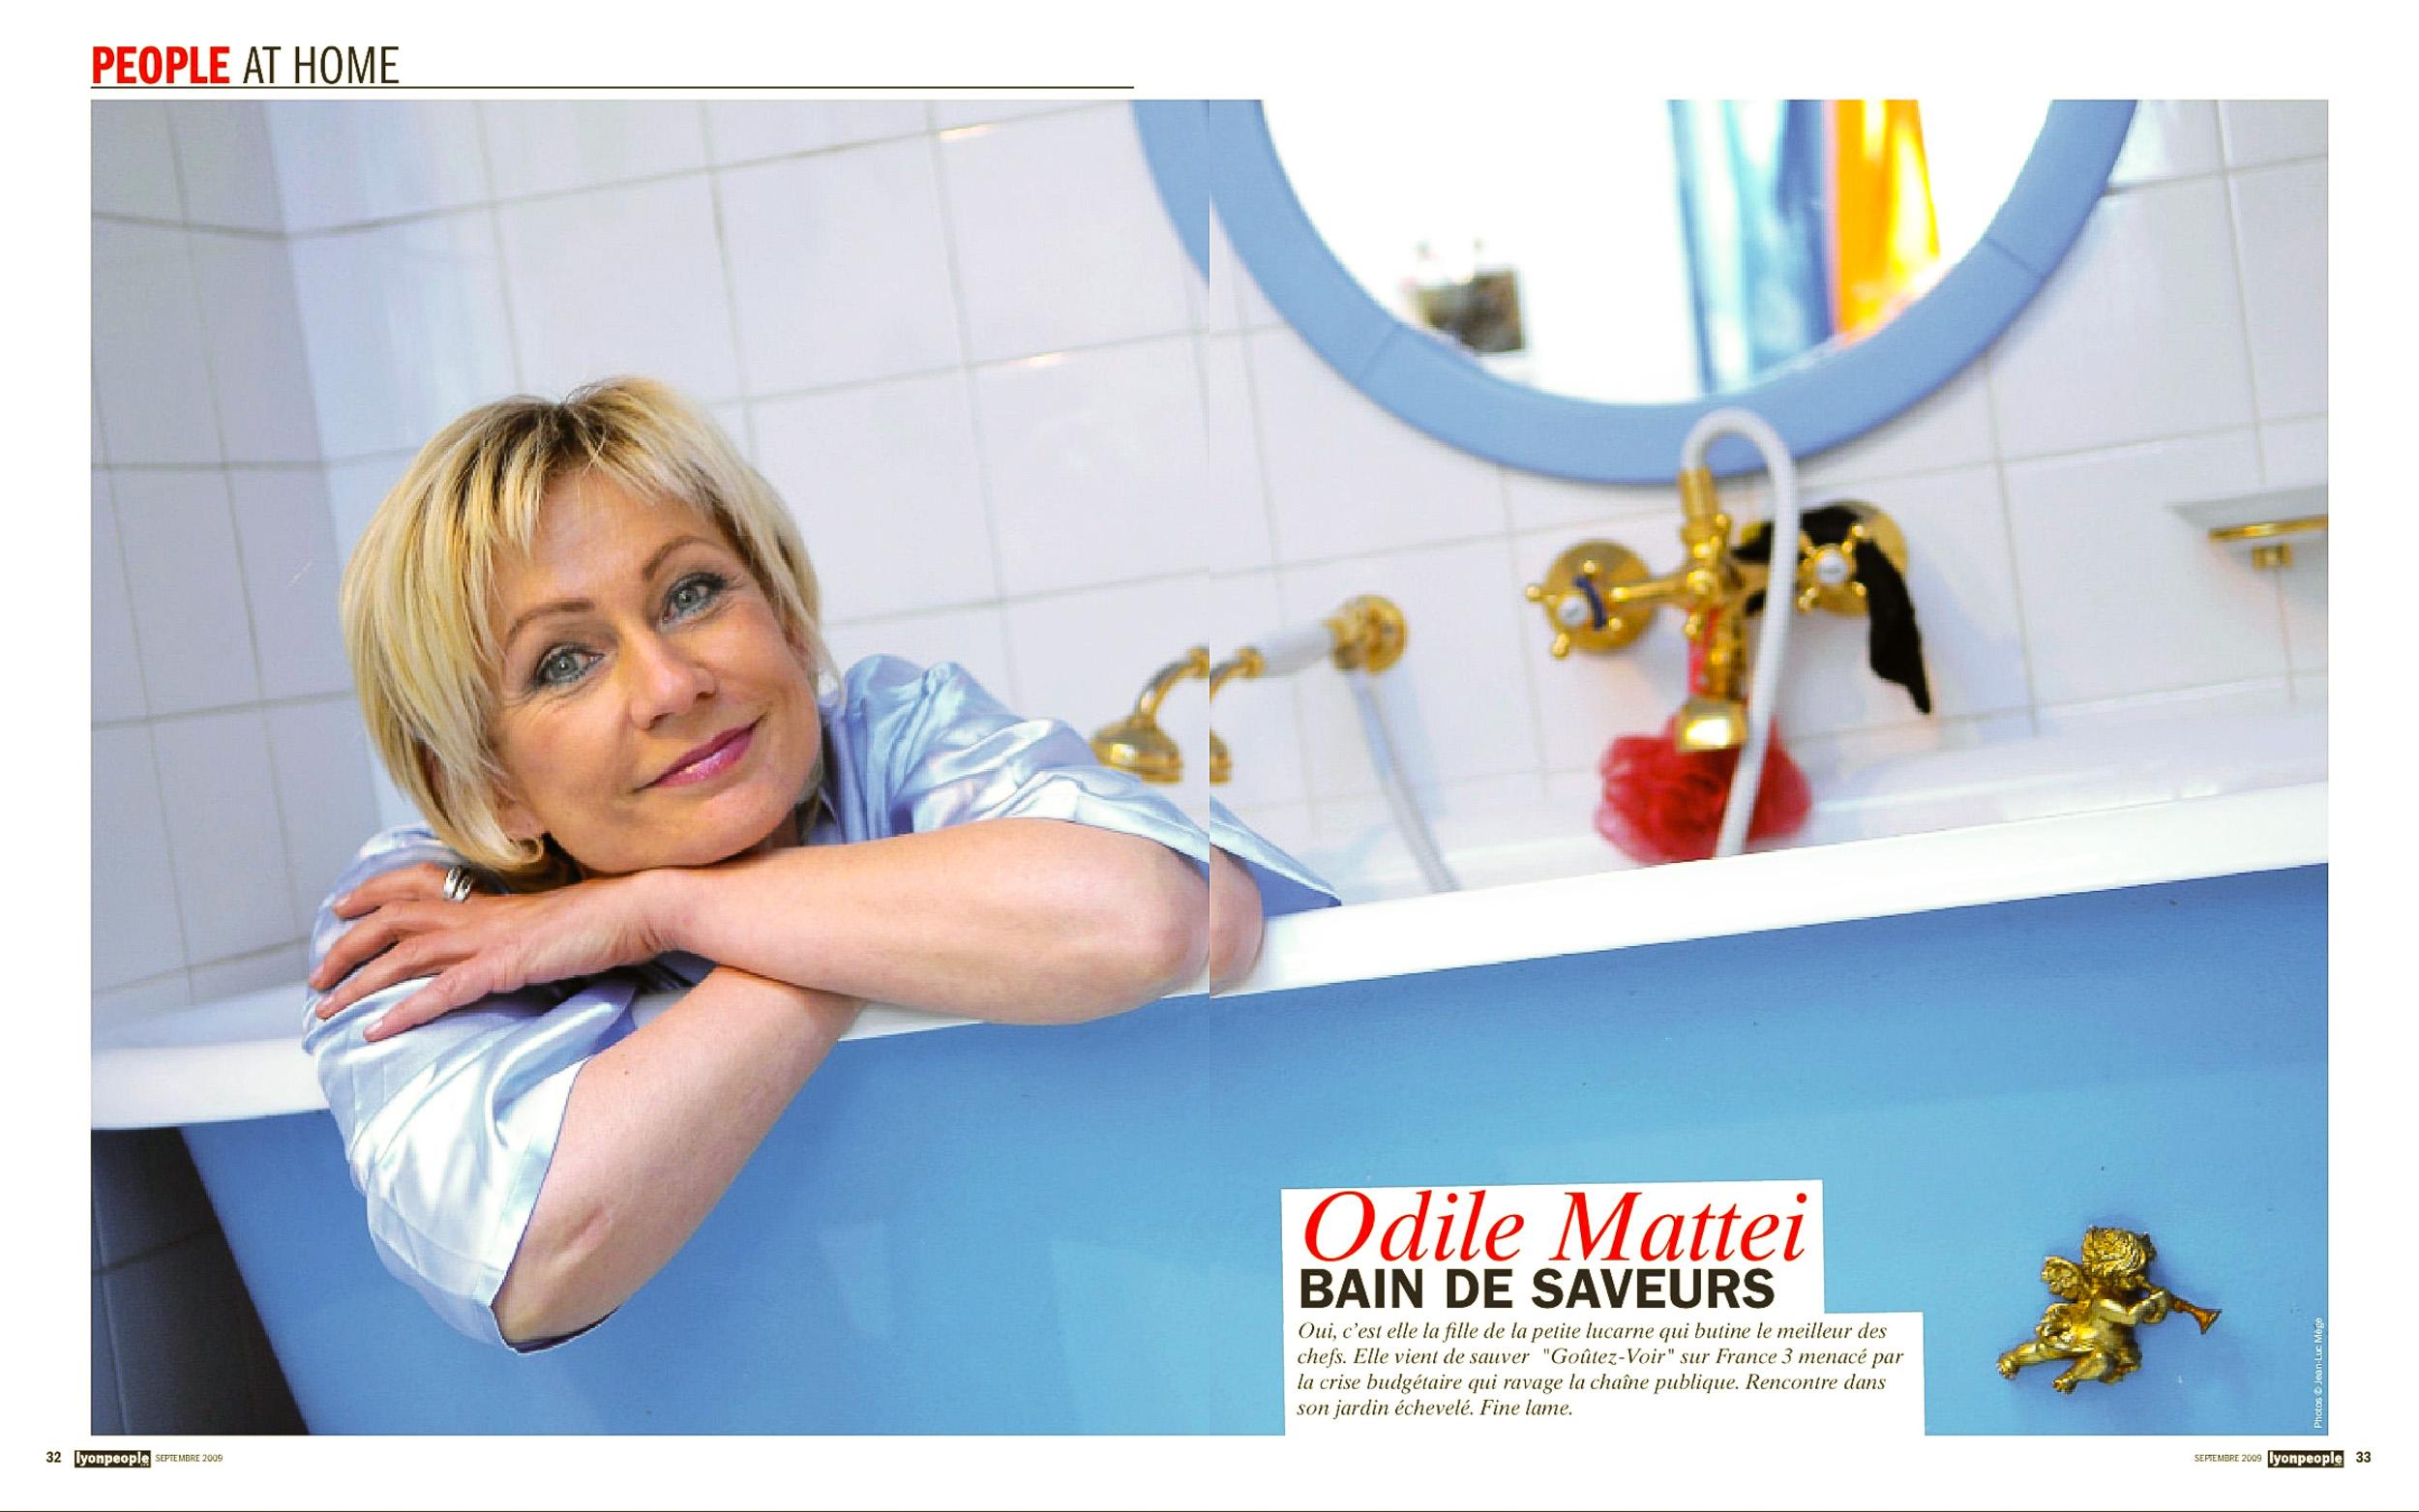 Double Odile Mattei.jpg